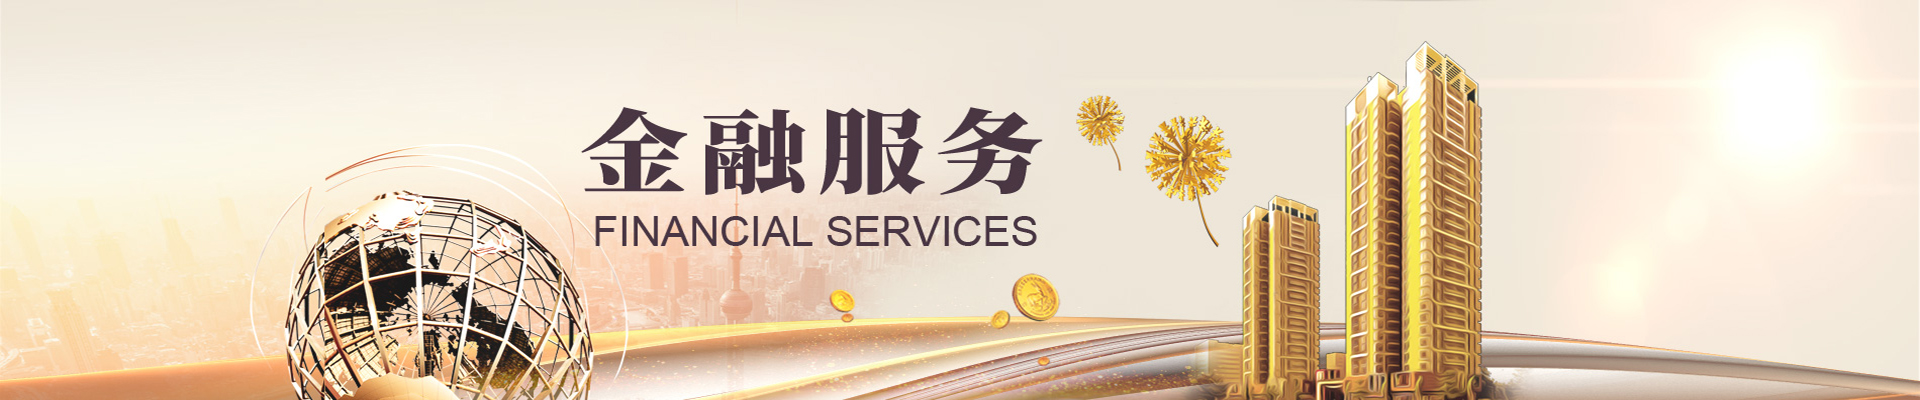 江西ld乐动体育网址协会